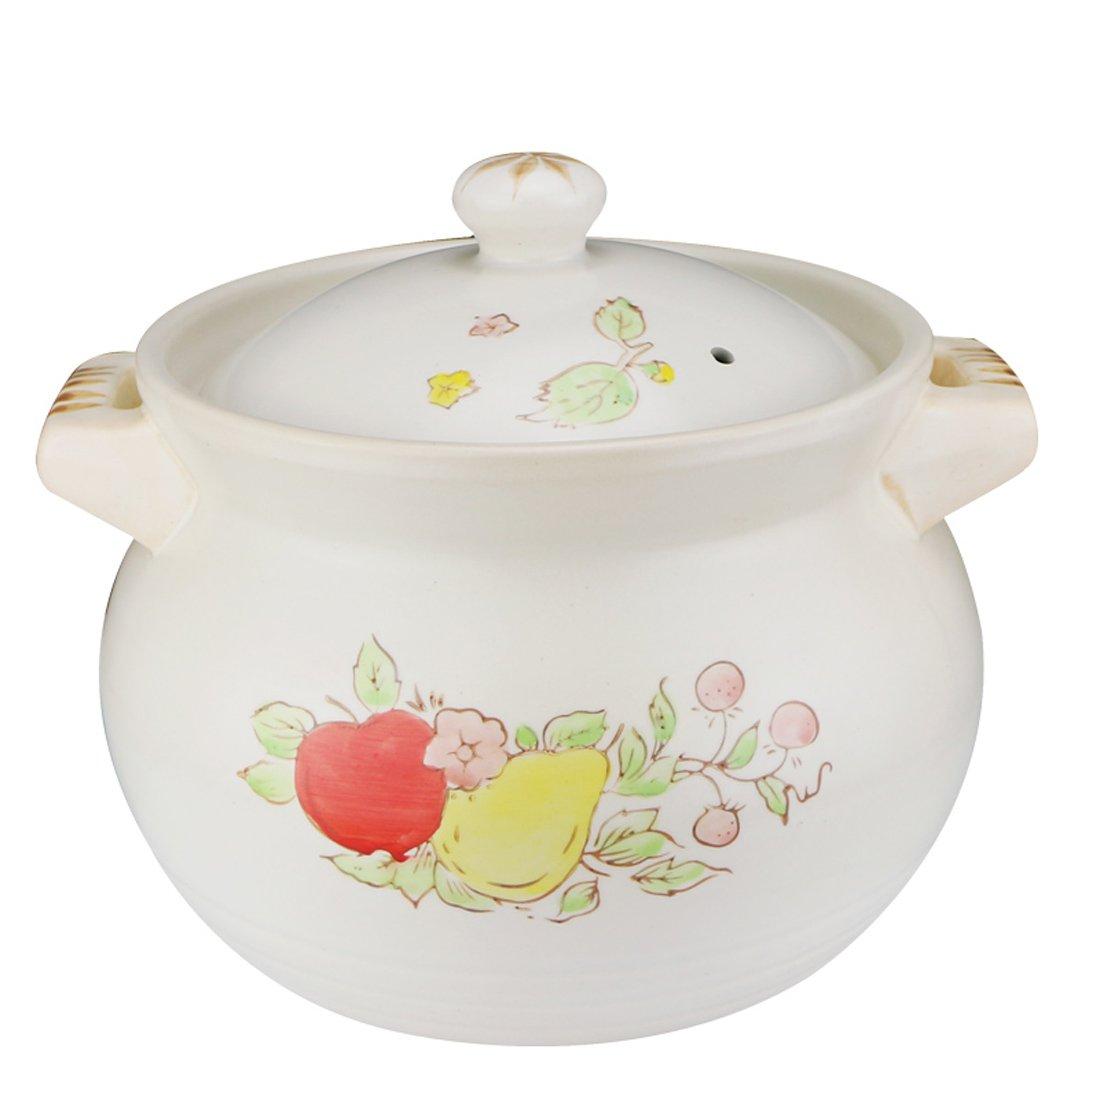 5l养生陶瓷煲汤锅 闷粥锅汤锅 砂锅炖锅陶瓷 韩式砂锅 炖锅